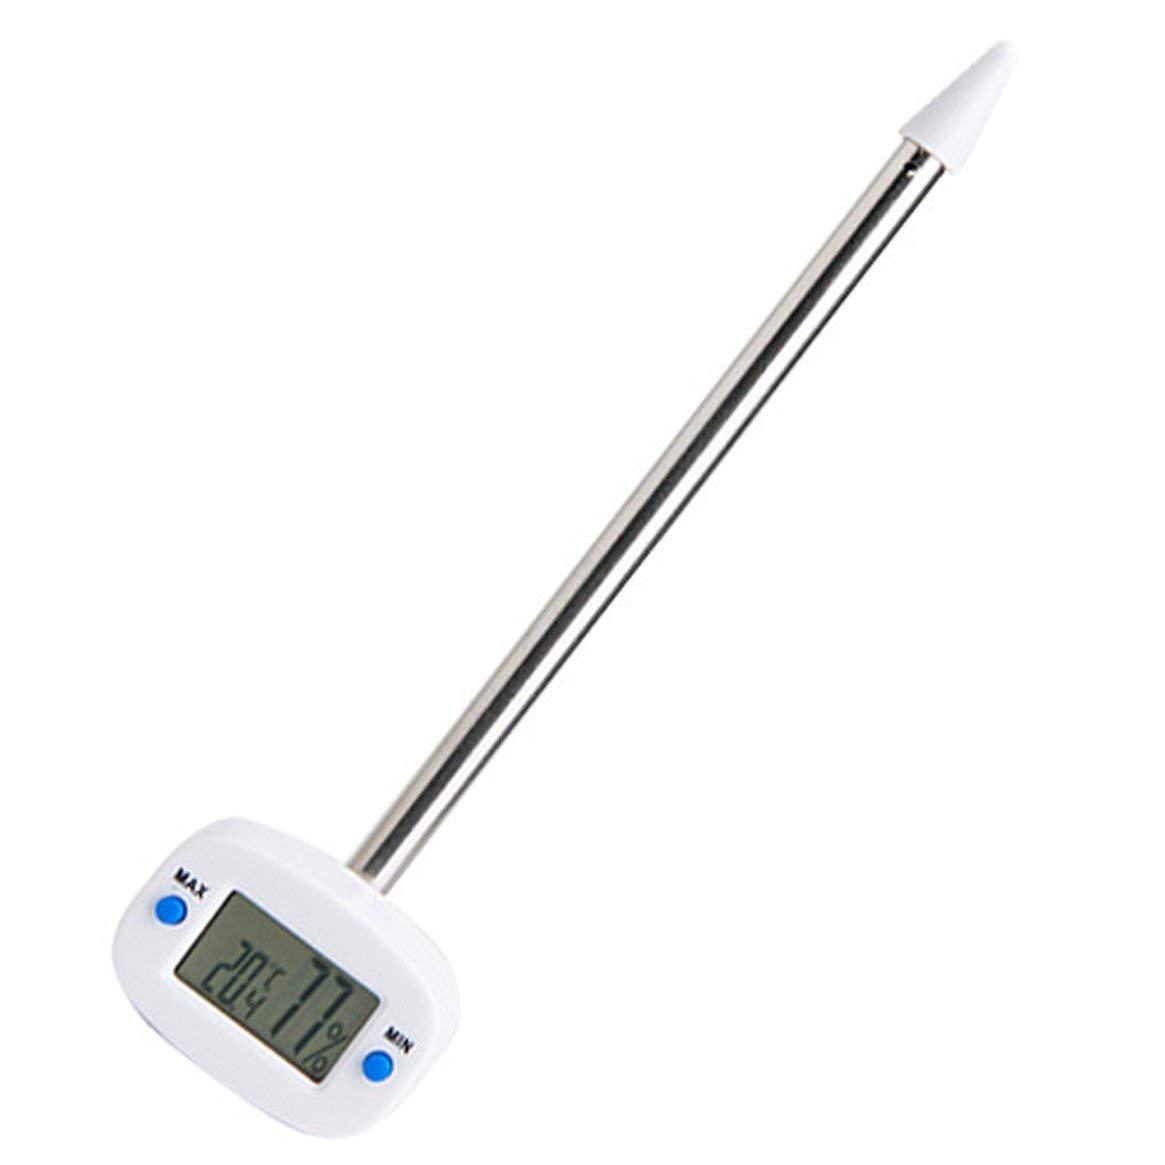 Delicacydex Probador de Suelo TA290 con funció n de Memoria Medidor de Humedad y Temperatura de Pantalla LCD Digital con sonda de Acero Inoxidable - Blanco